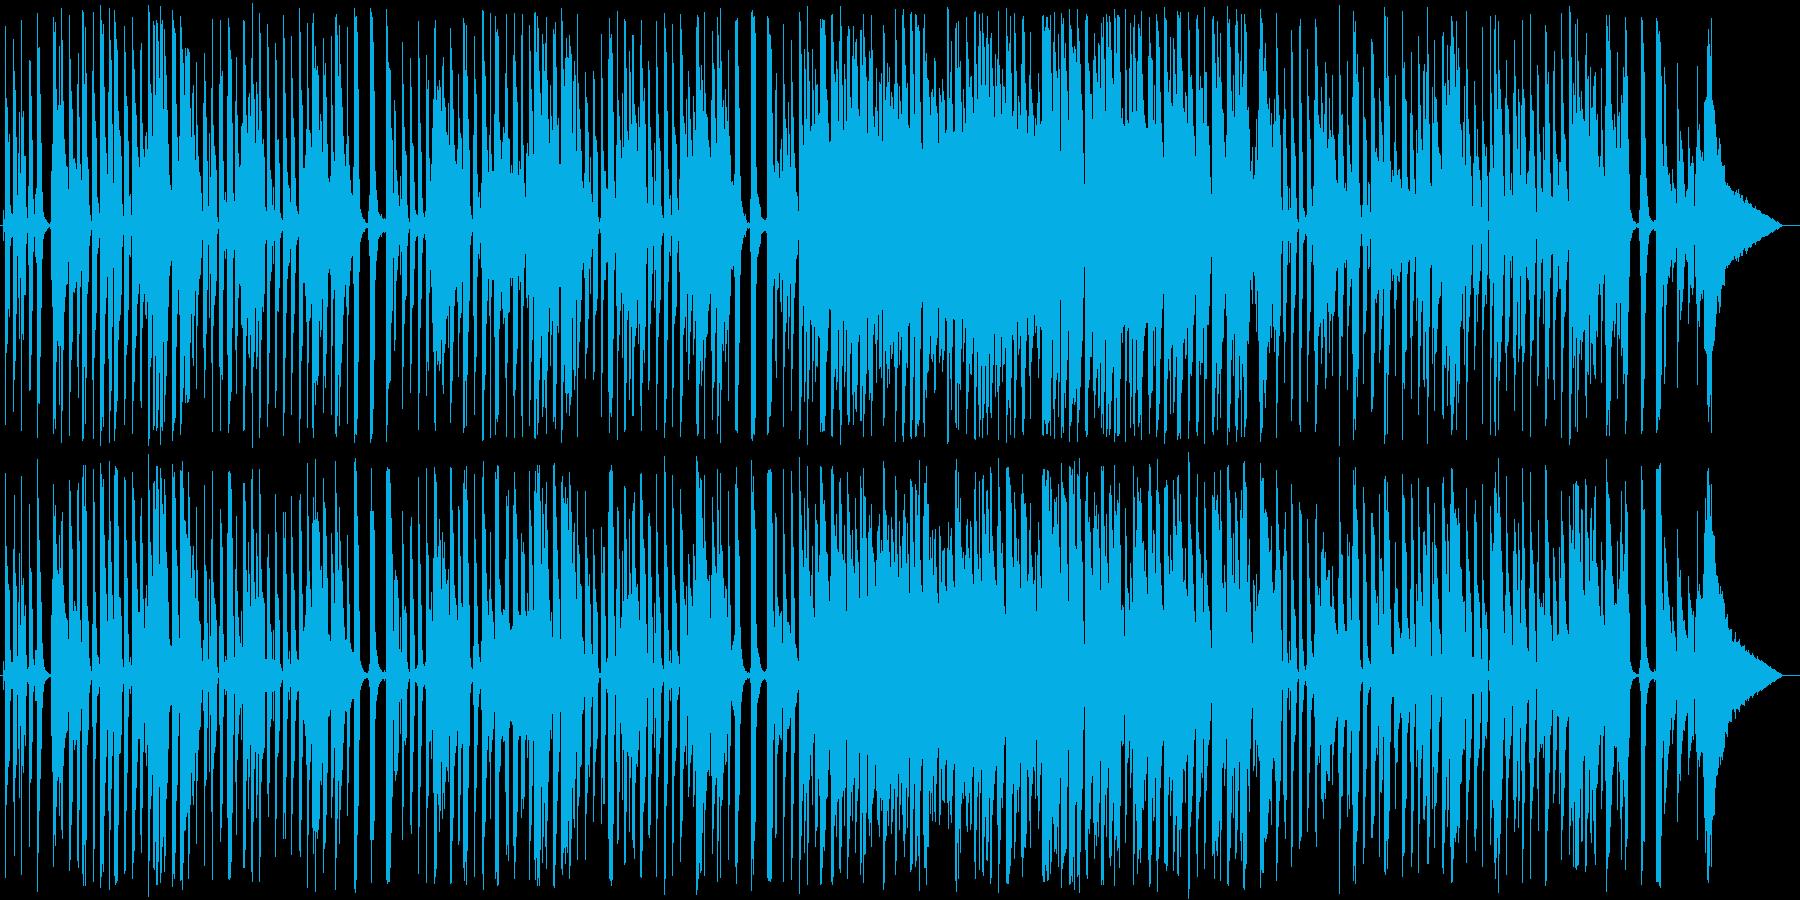 スイングジャズ風ガットギターポップスの再生済みの波形